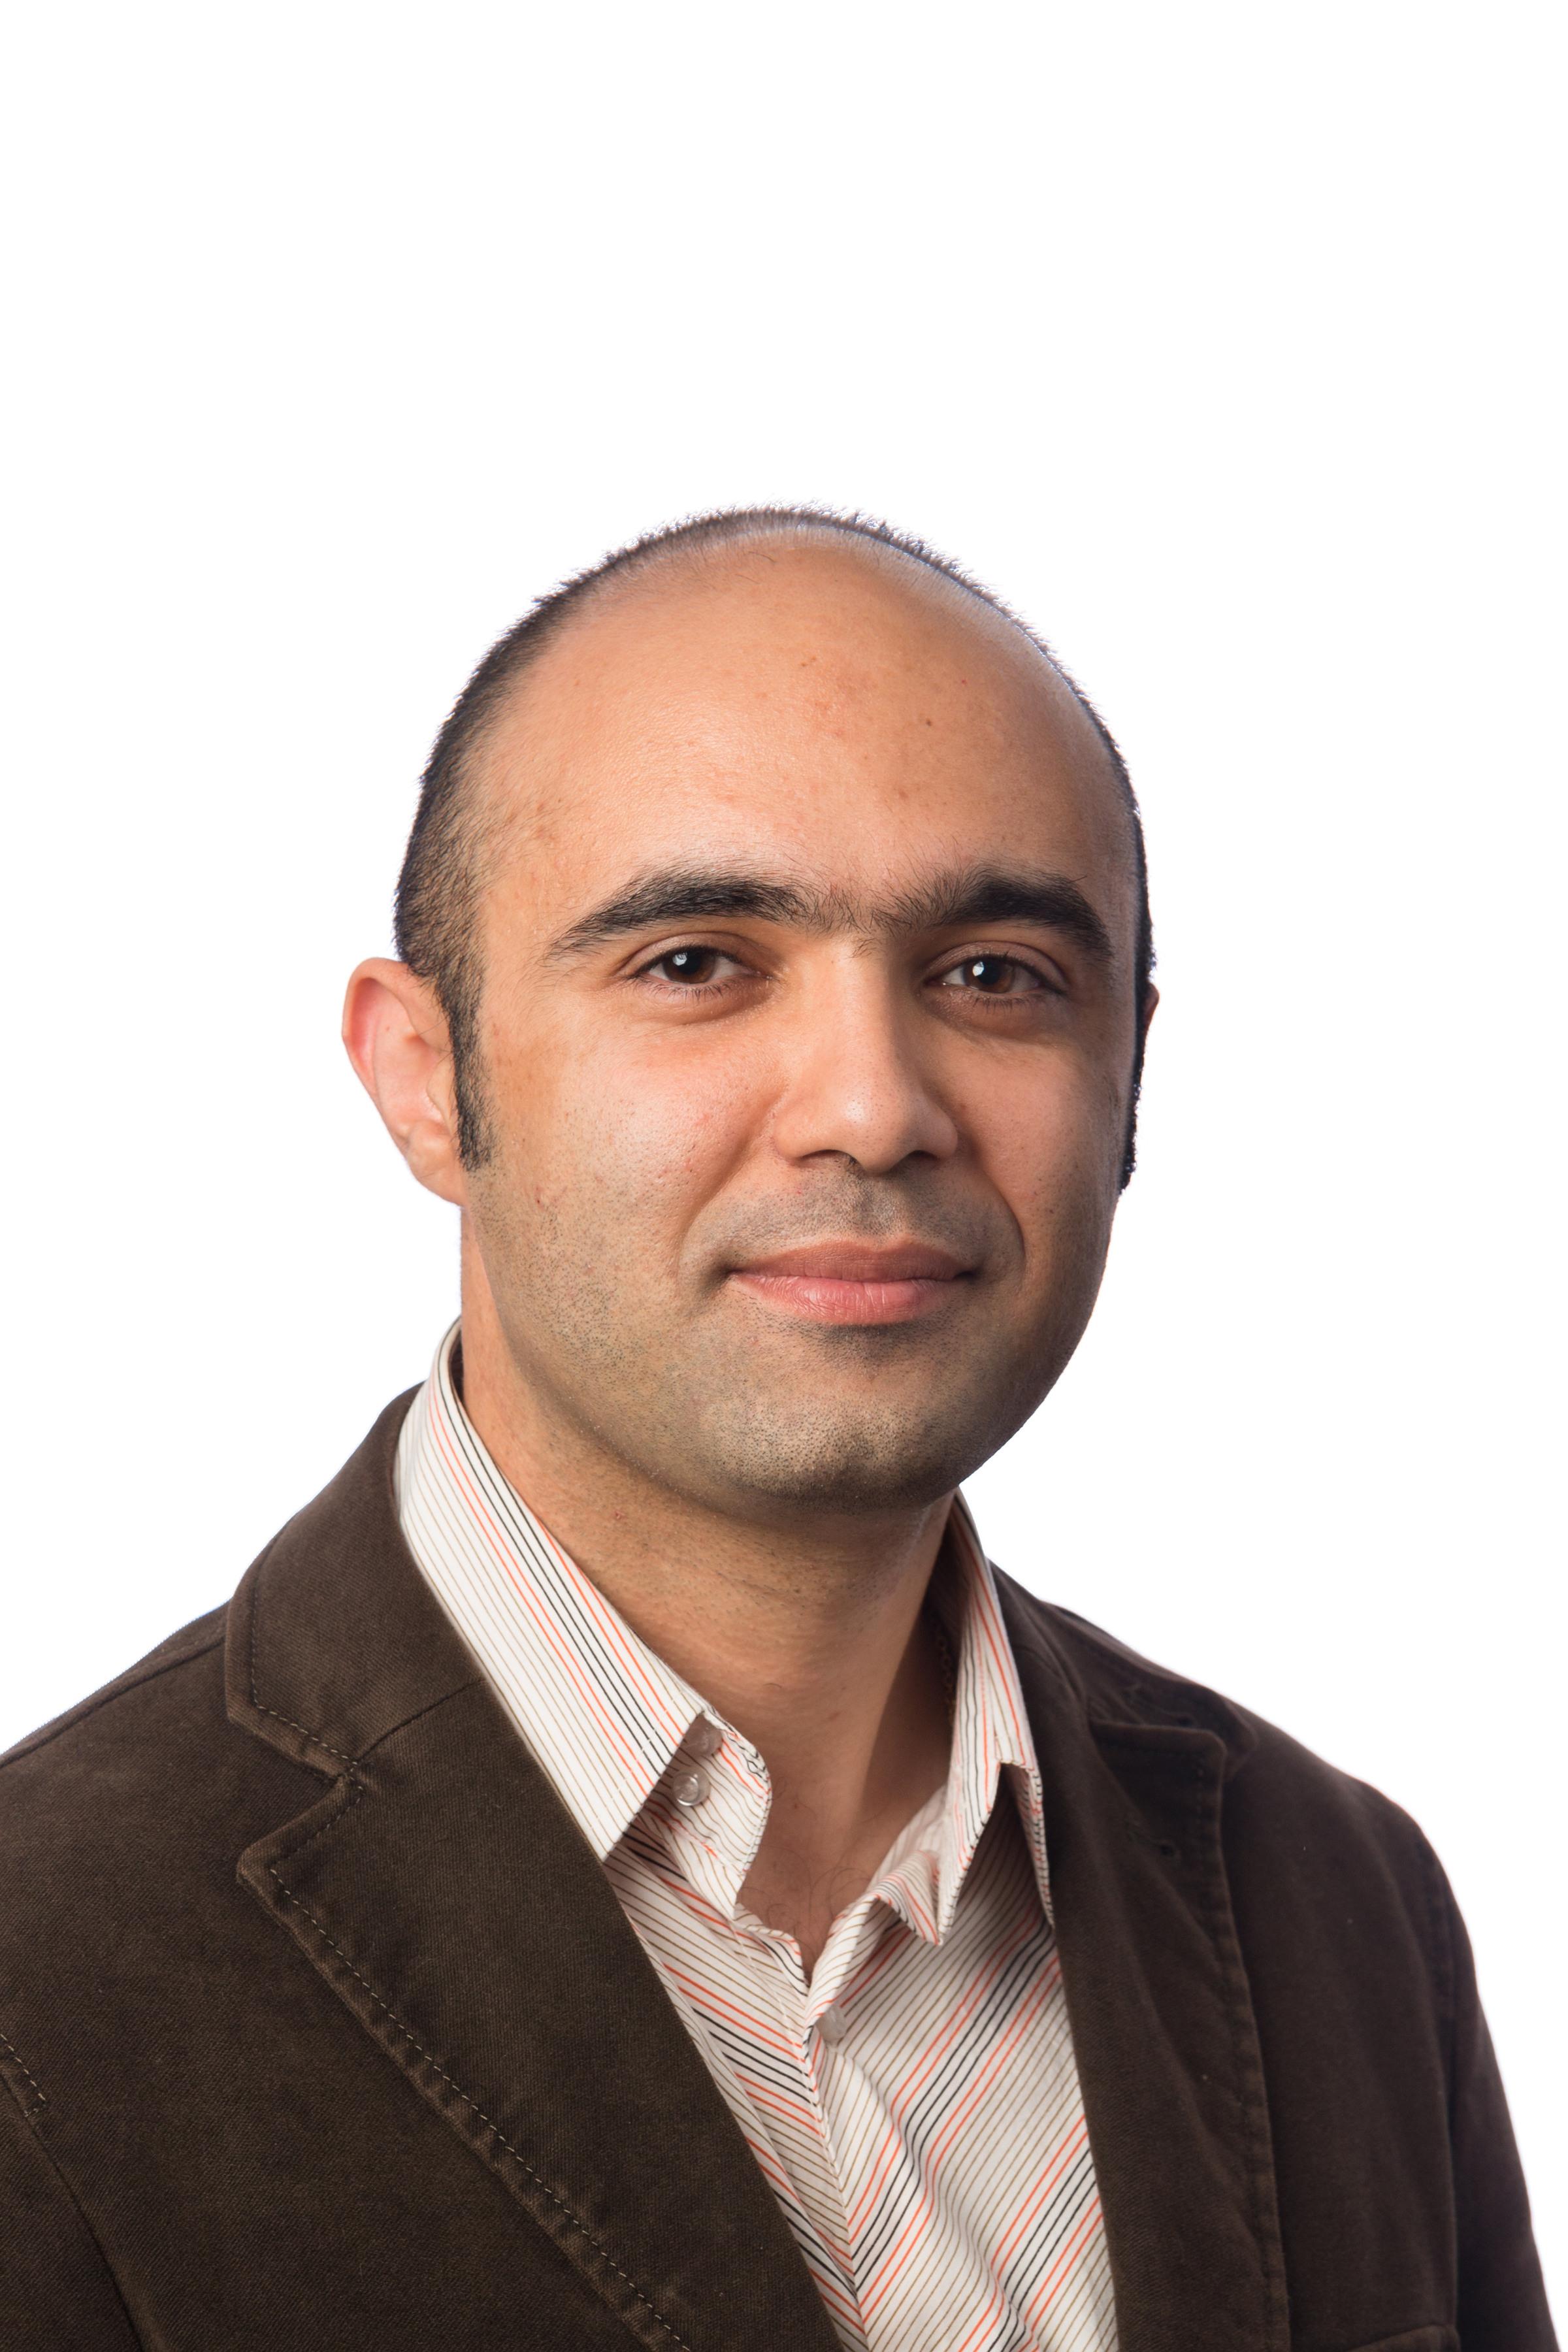 Kamran Eshghi